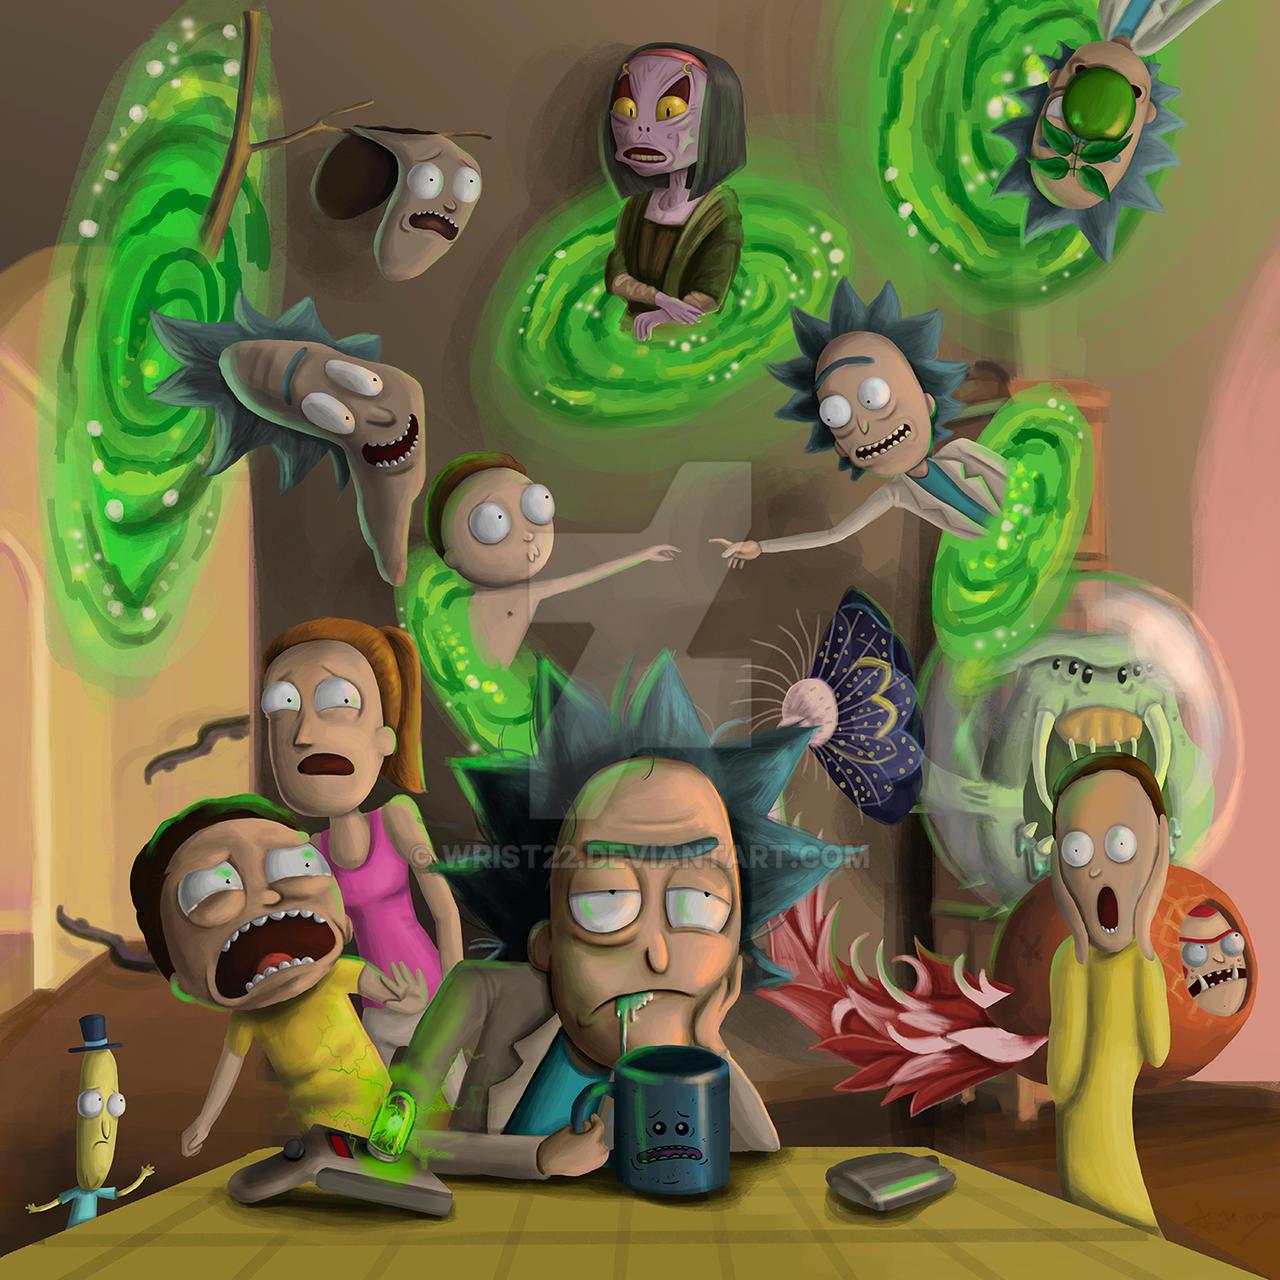 Rick Morty Fan Art